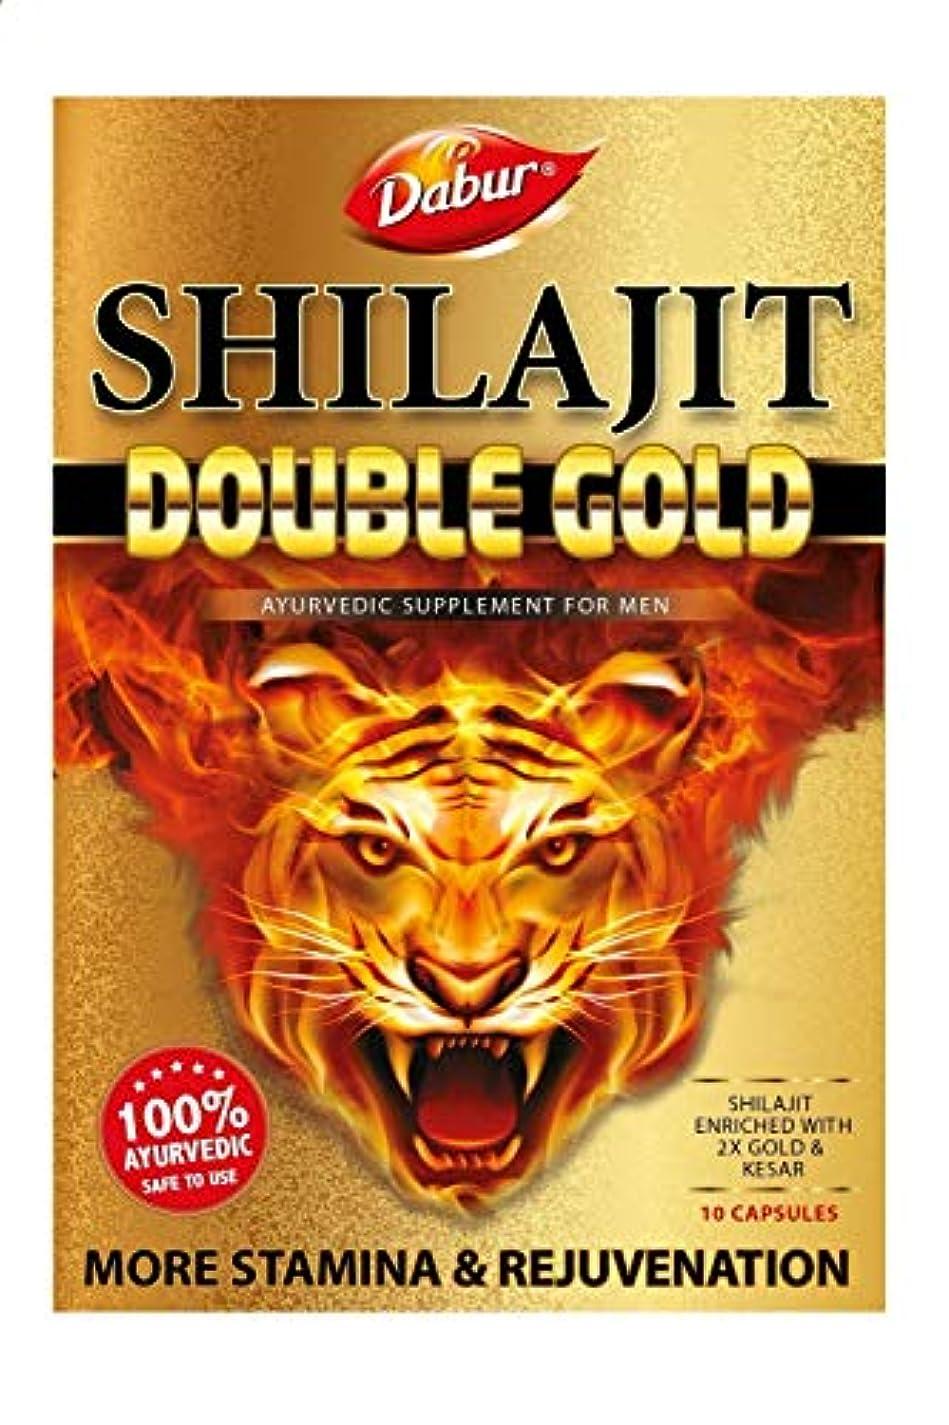 顔料絶え間ない組み立てるDABUR Shilajit Double Gold 20 Capsules for Stamina and Rejuvenation